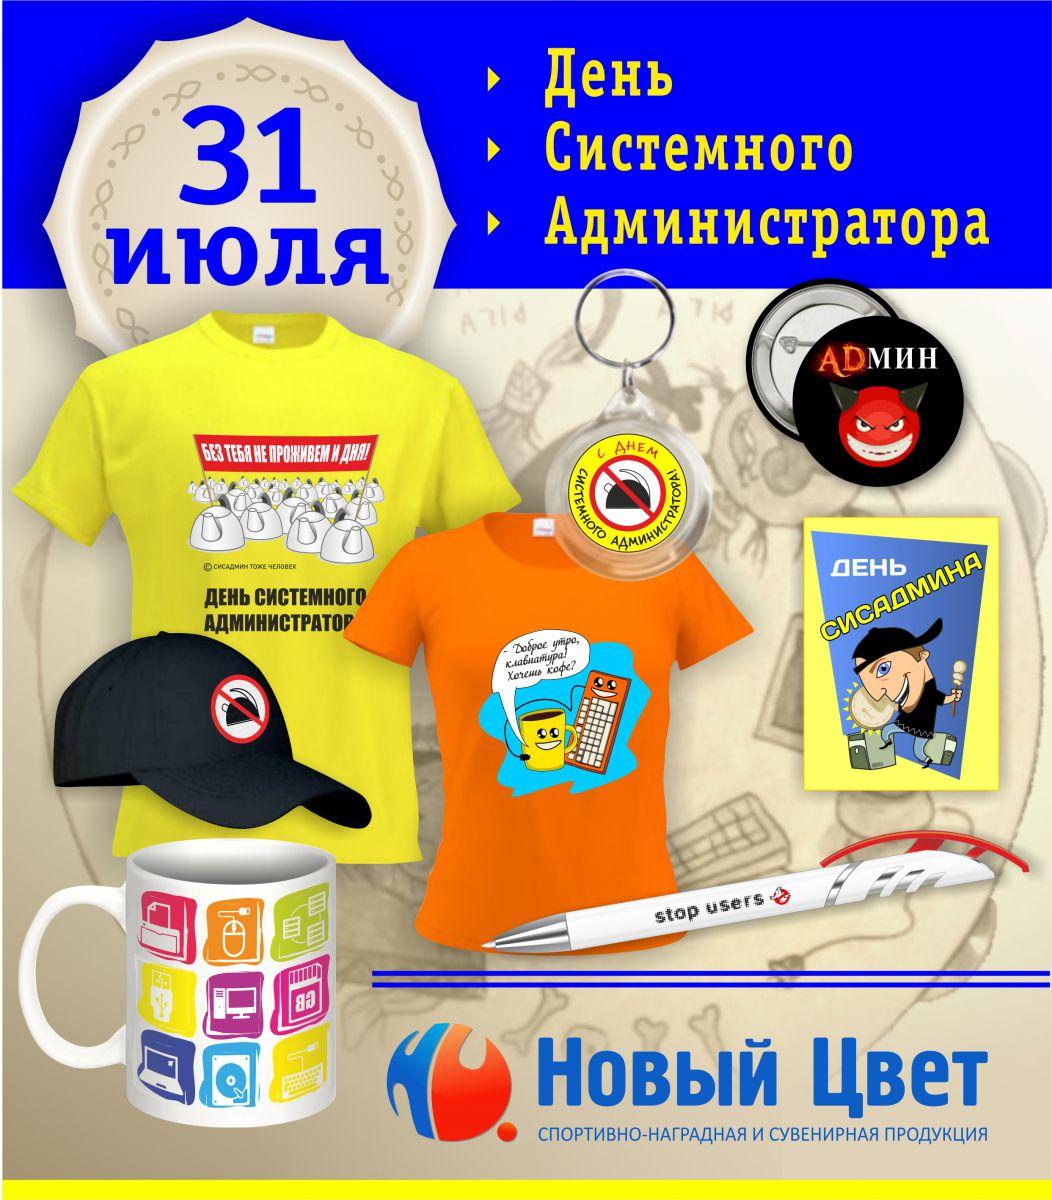 Поздравления и открытки с Днем системного администратора 25